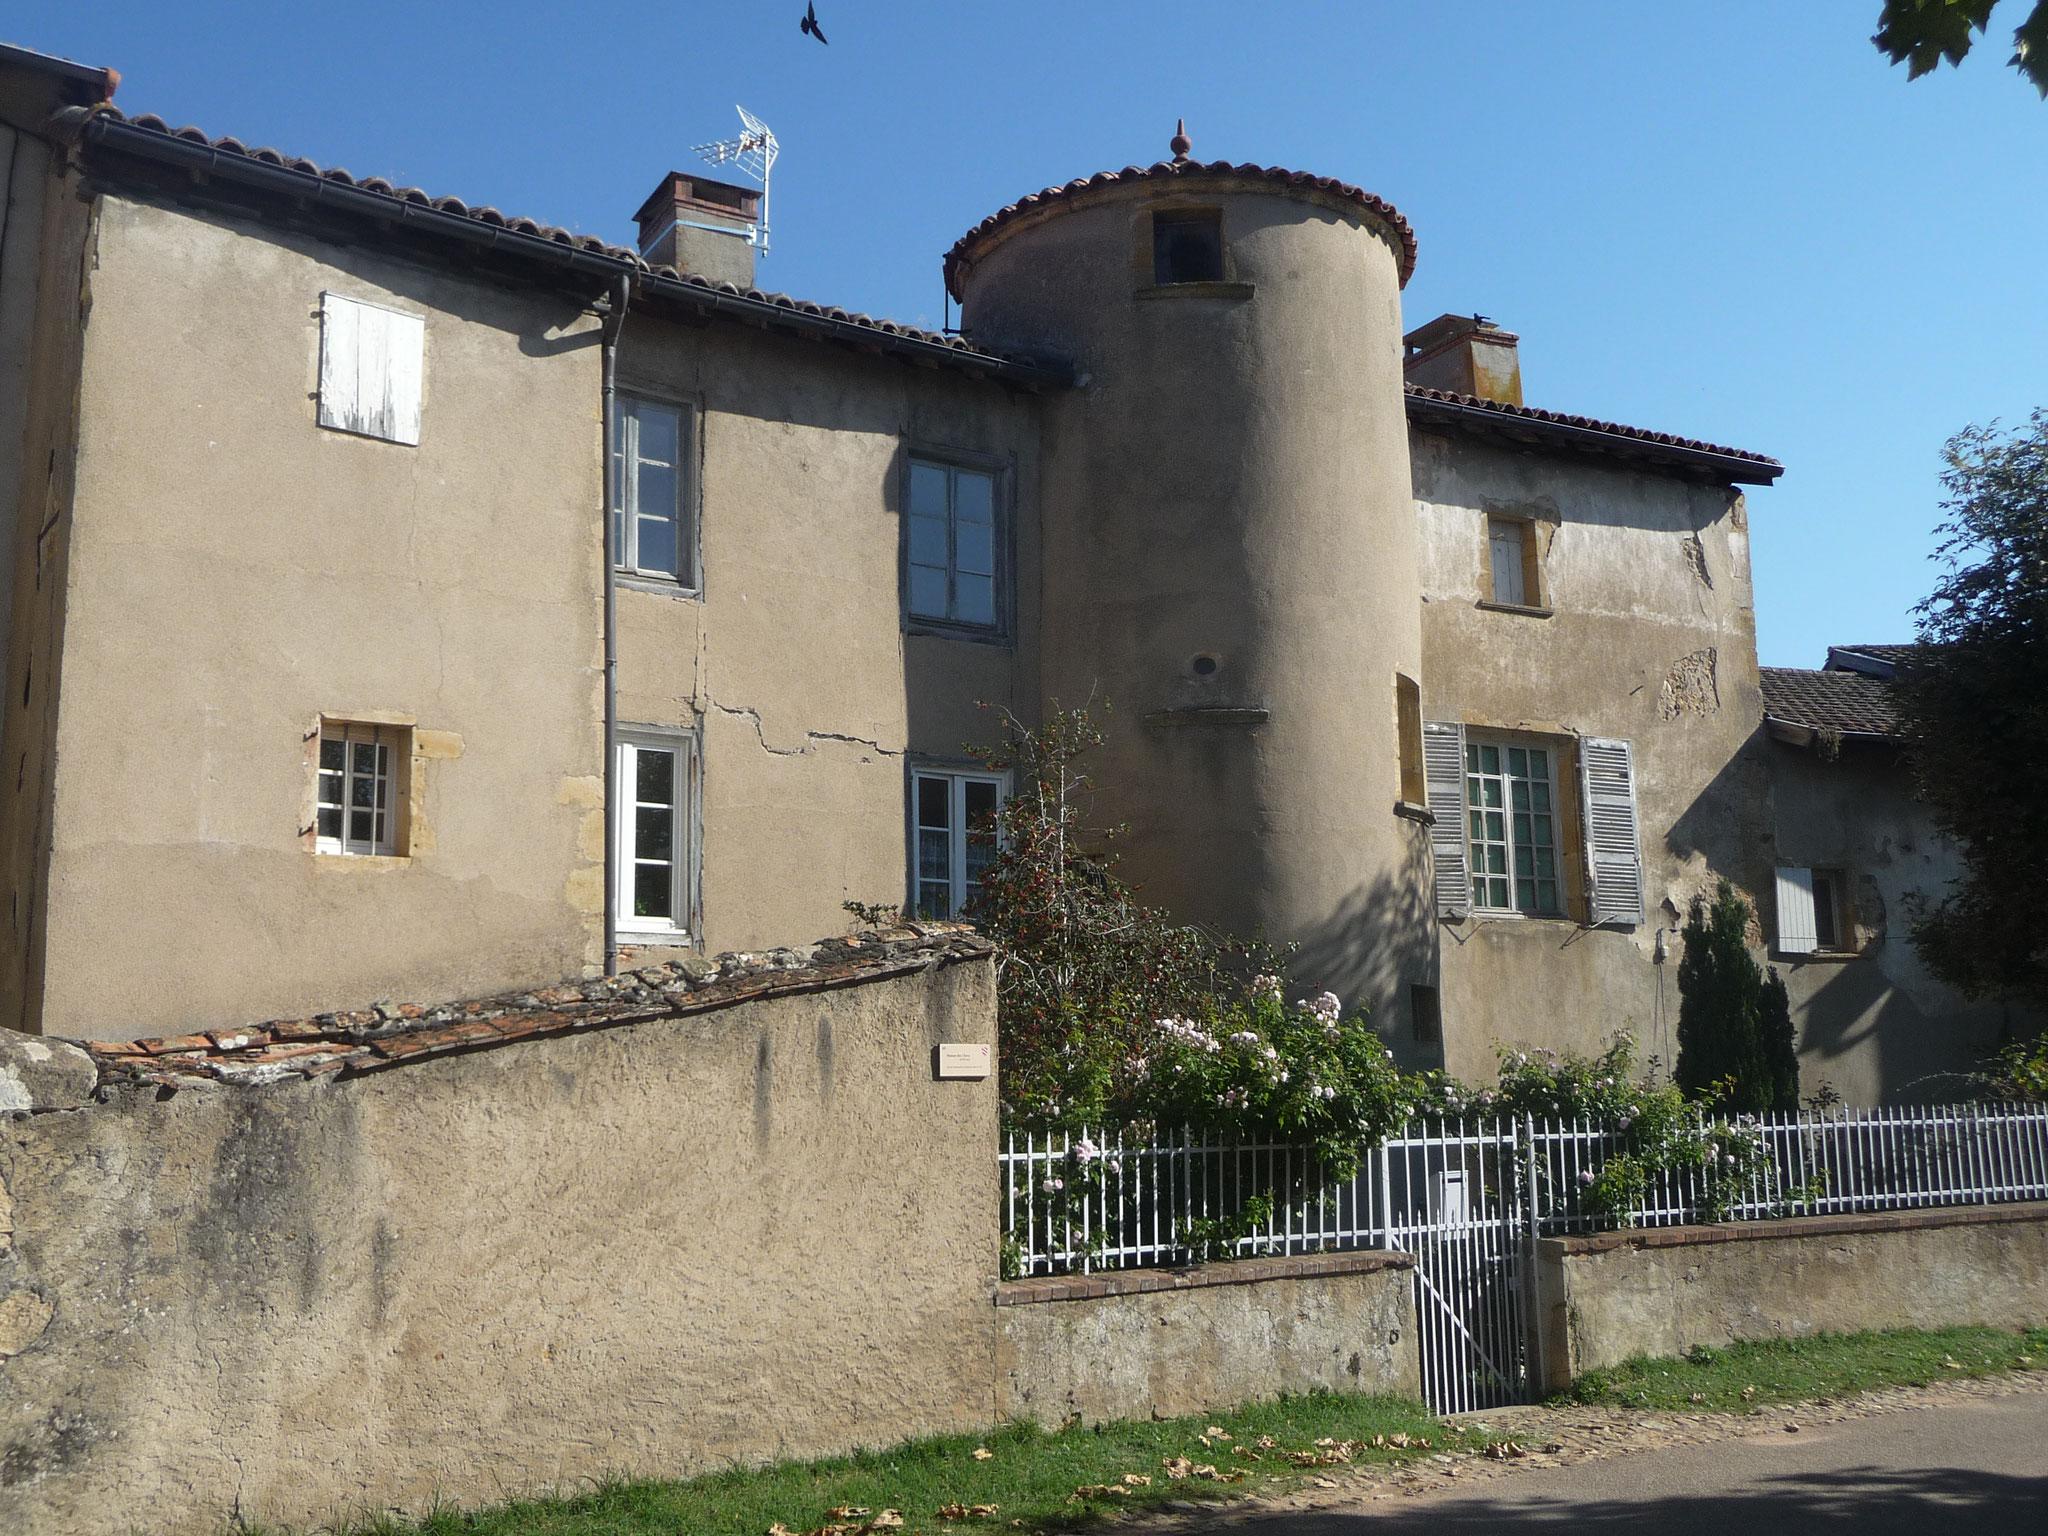 Maison des clercs